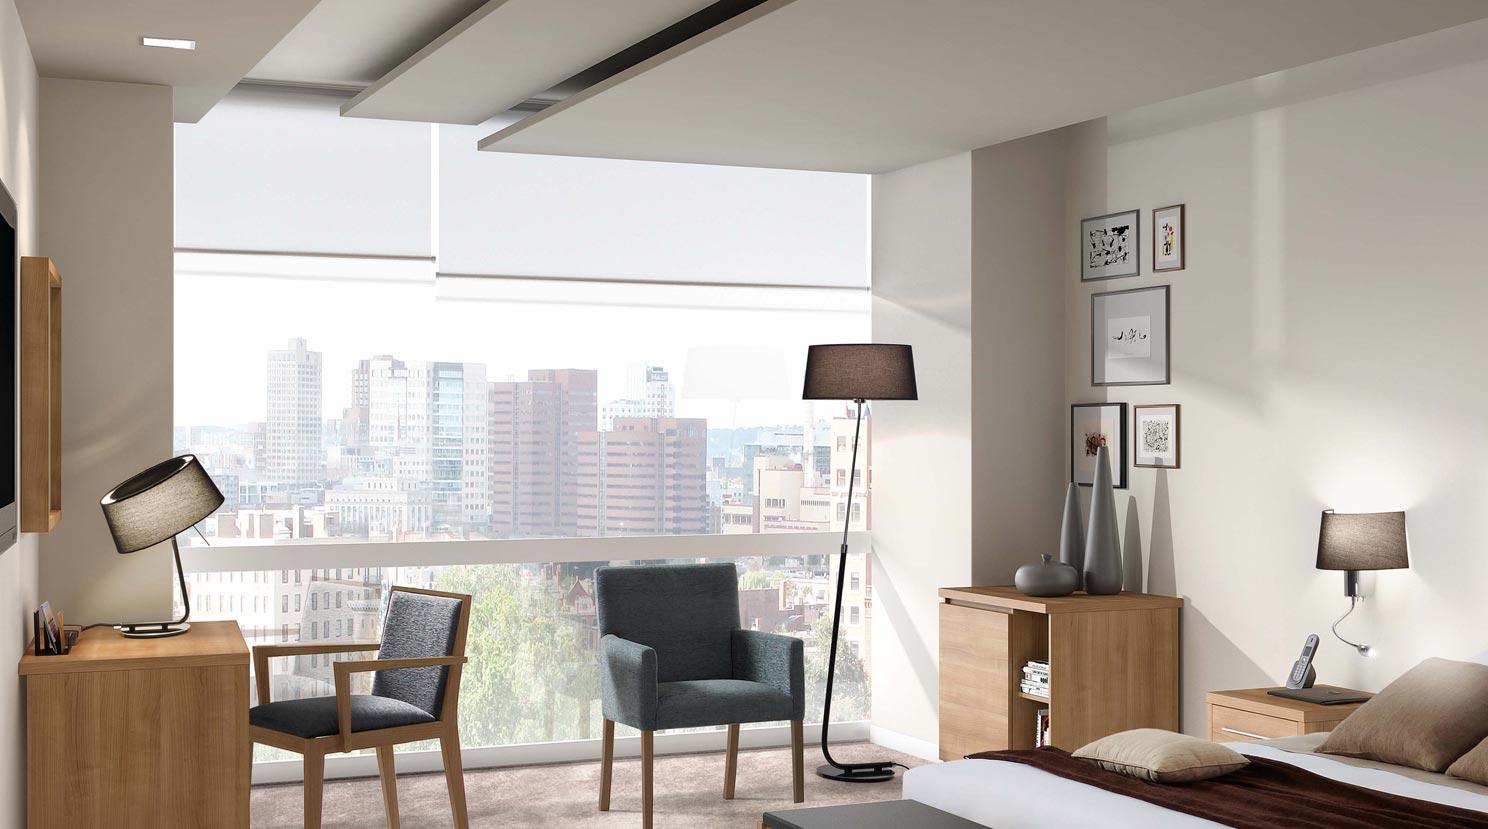 Lámpara aplique LED negra HOTEL ambiente